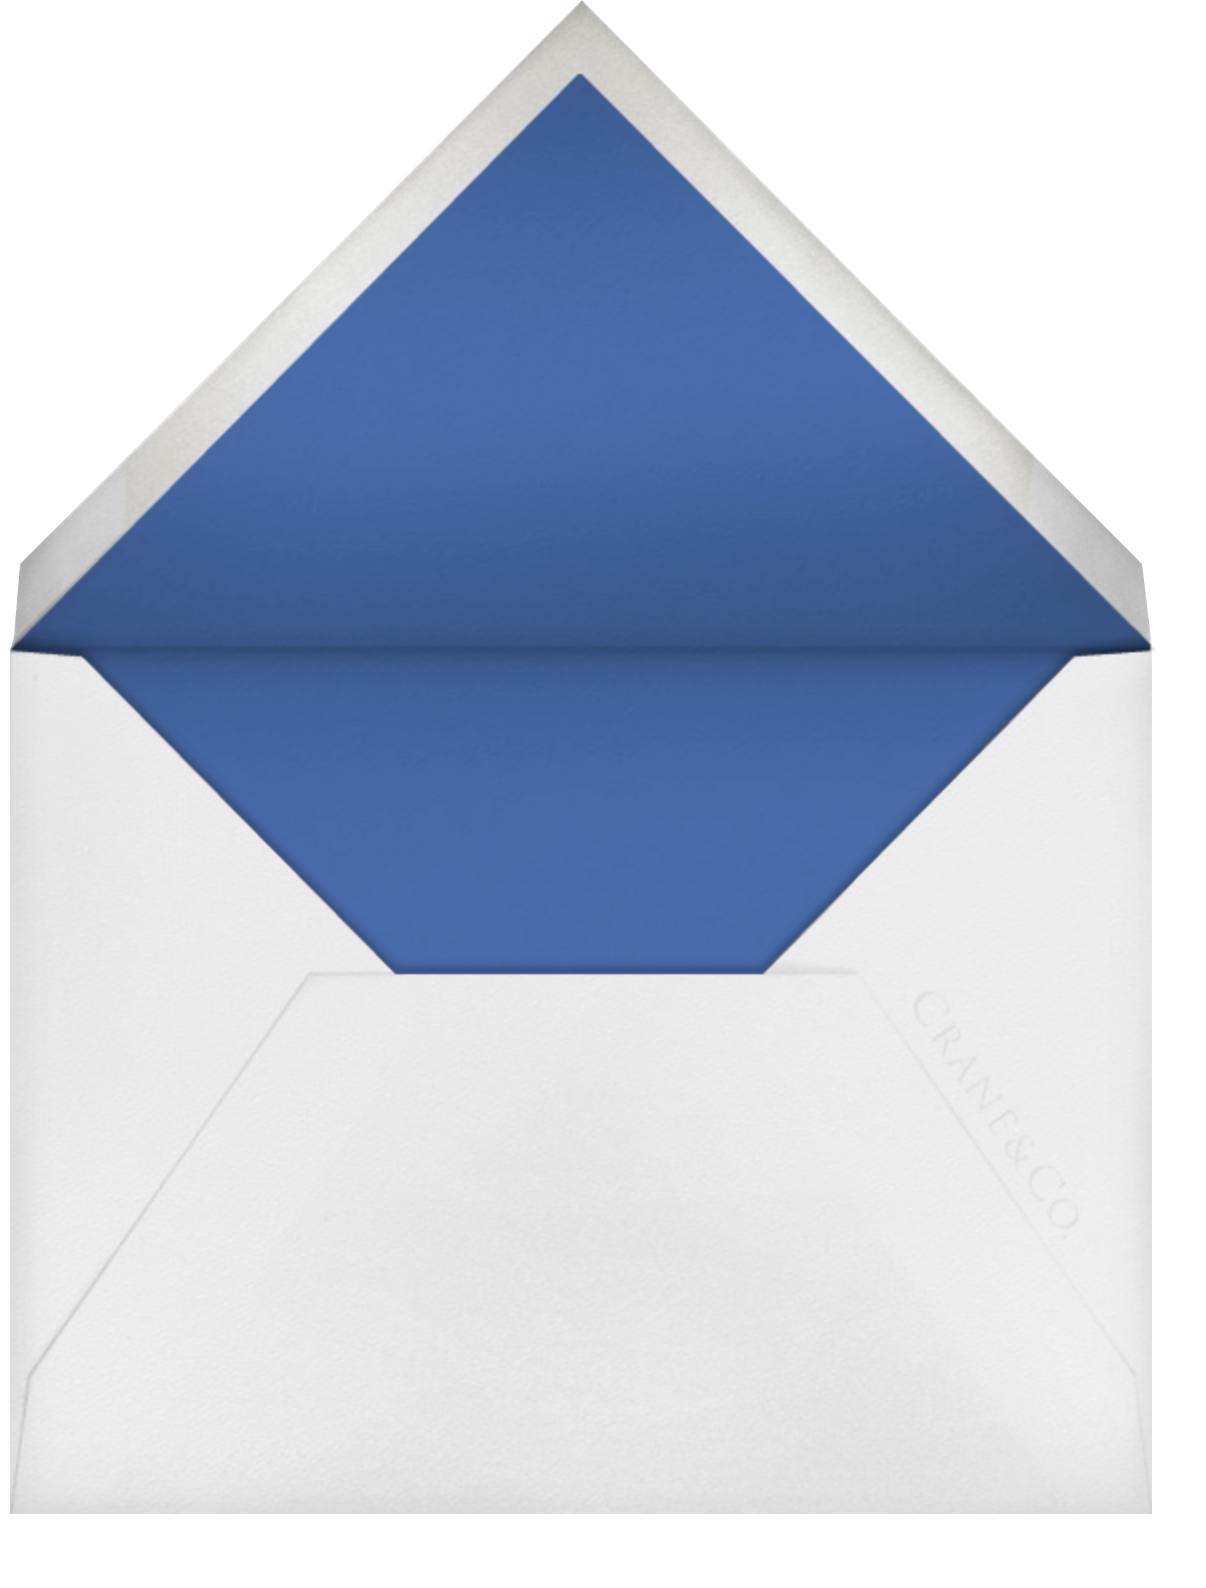 Floral Trellis I (Save the Date) - Regent Blue  - Oscar de la Renta - Save the date - envelope back